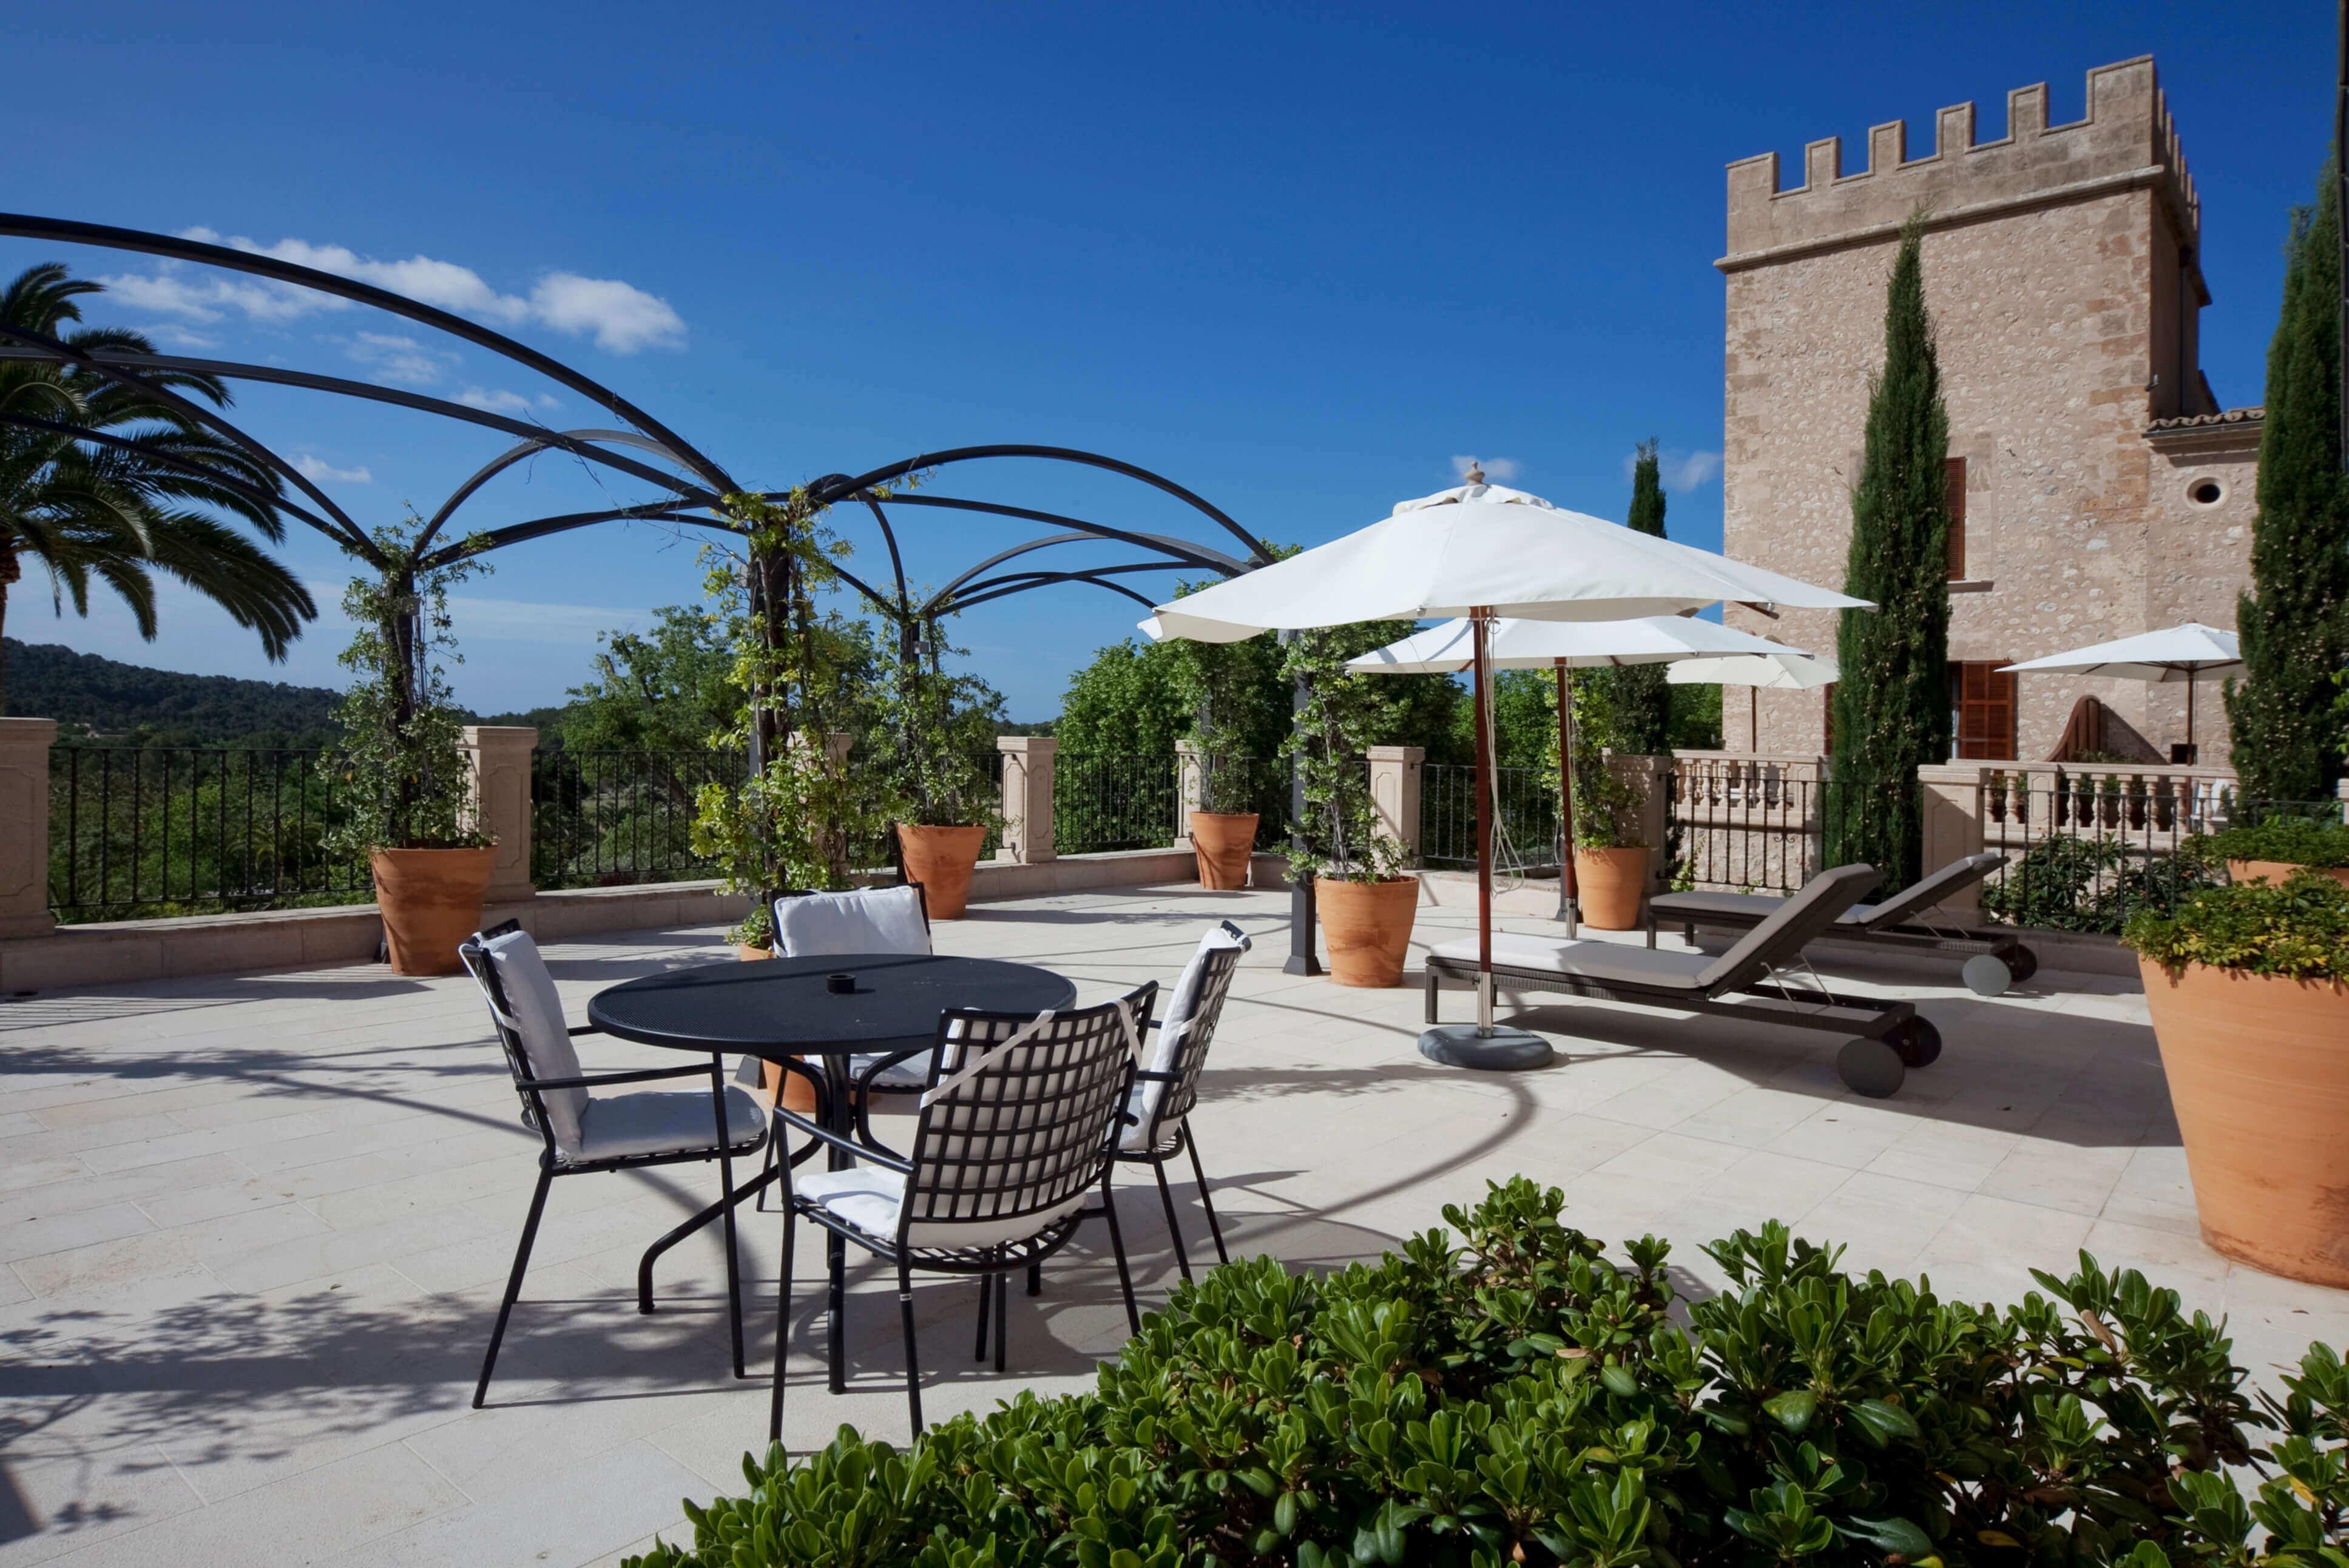 Suites y Habitaciones del Hotel de lujo en Mallorca, Castell Son Claret (16)